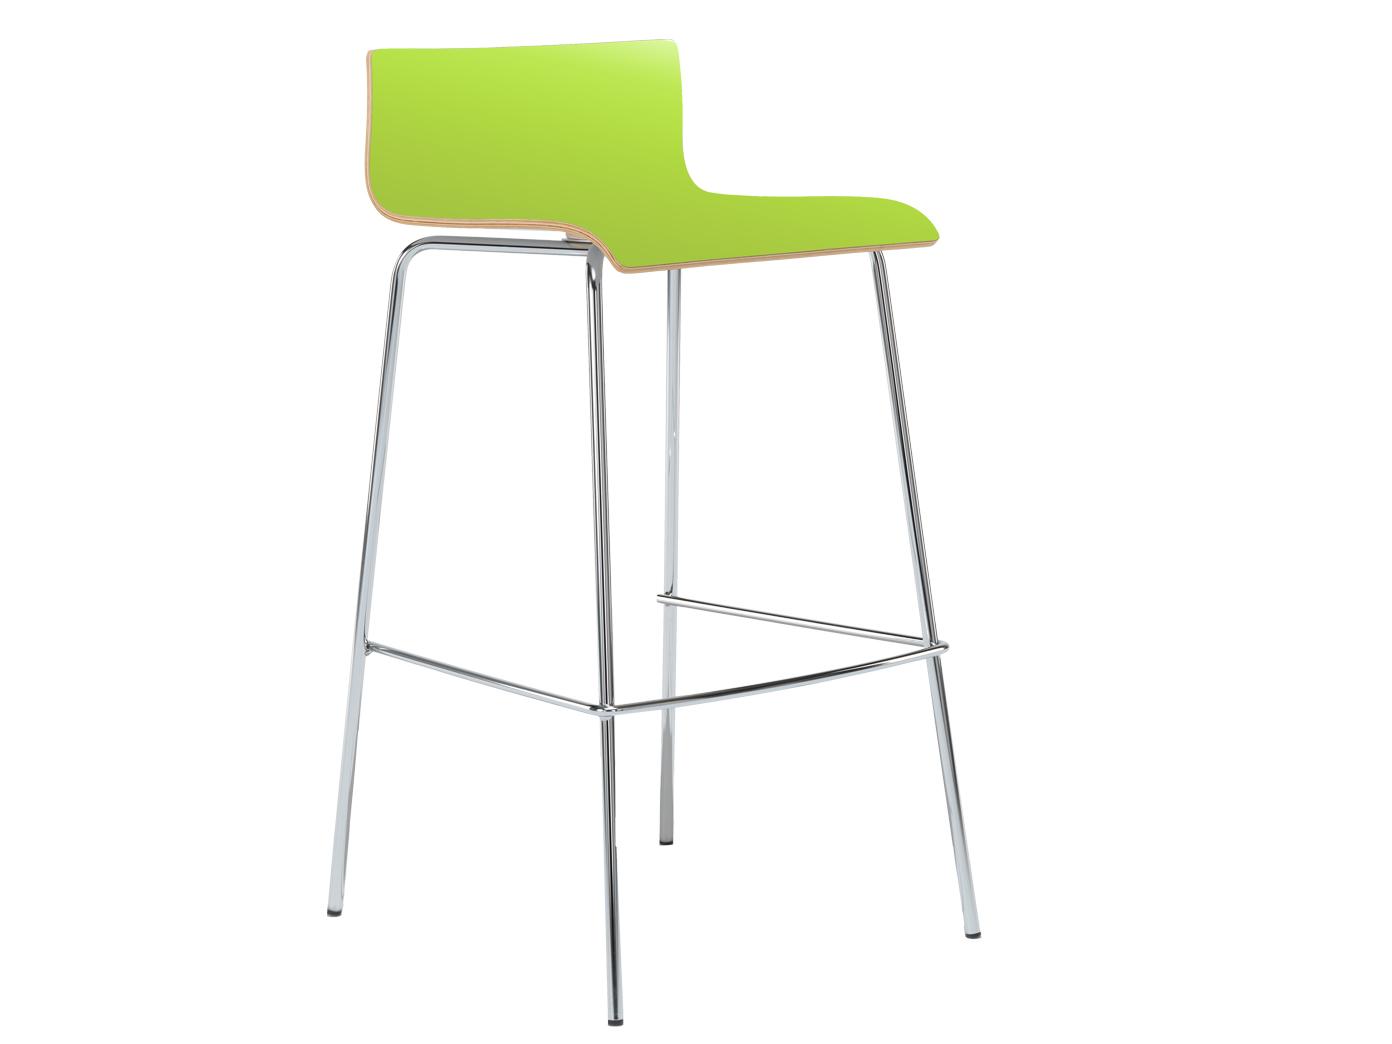 Taburete de bar de dise o verde bar silla de cocina - Taburetes cocina diseno ...